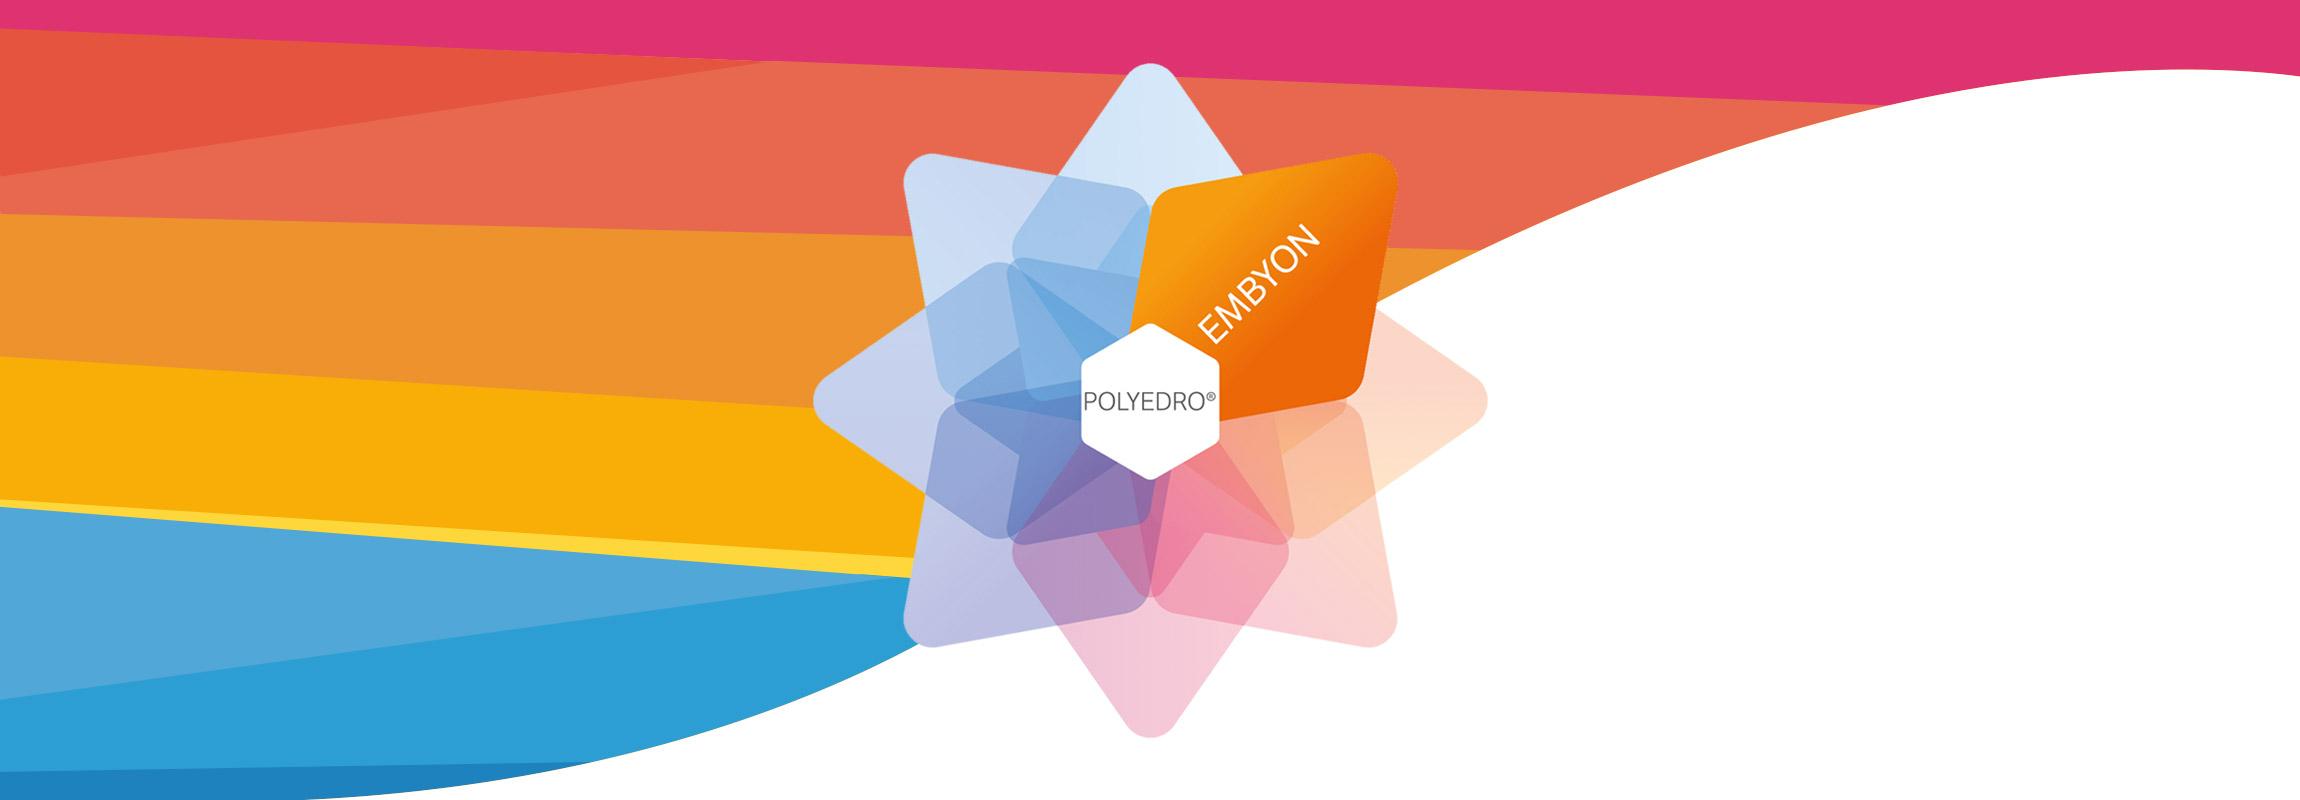 Embyon, su piattaforma Polyedro, è una soluzione modulare perfetta per lo sviluppo di Software Gestionali flessibili.